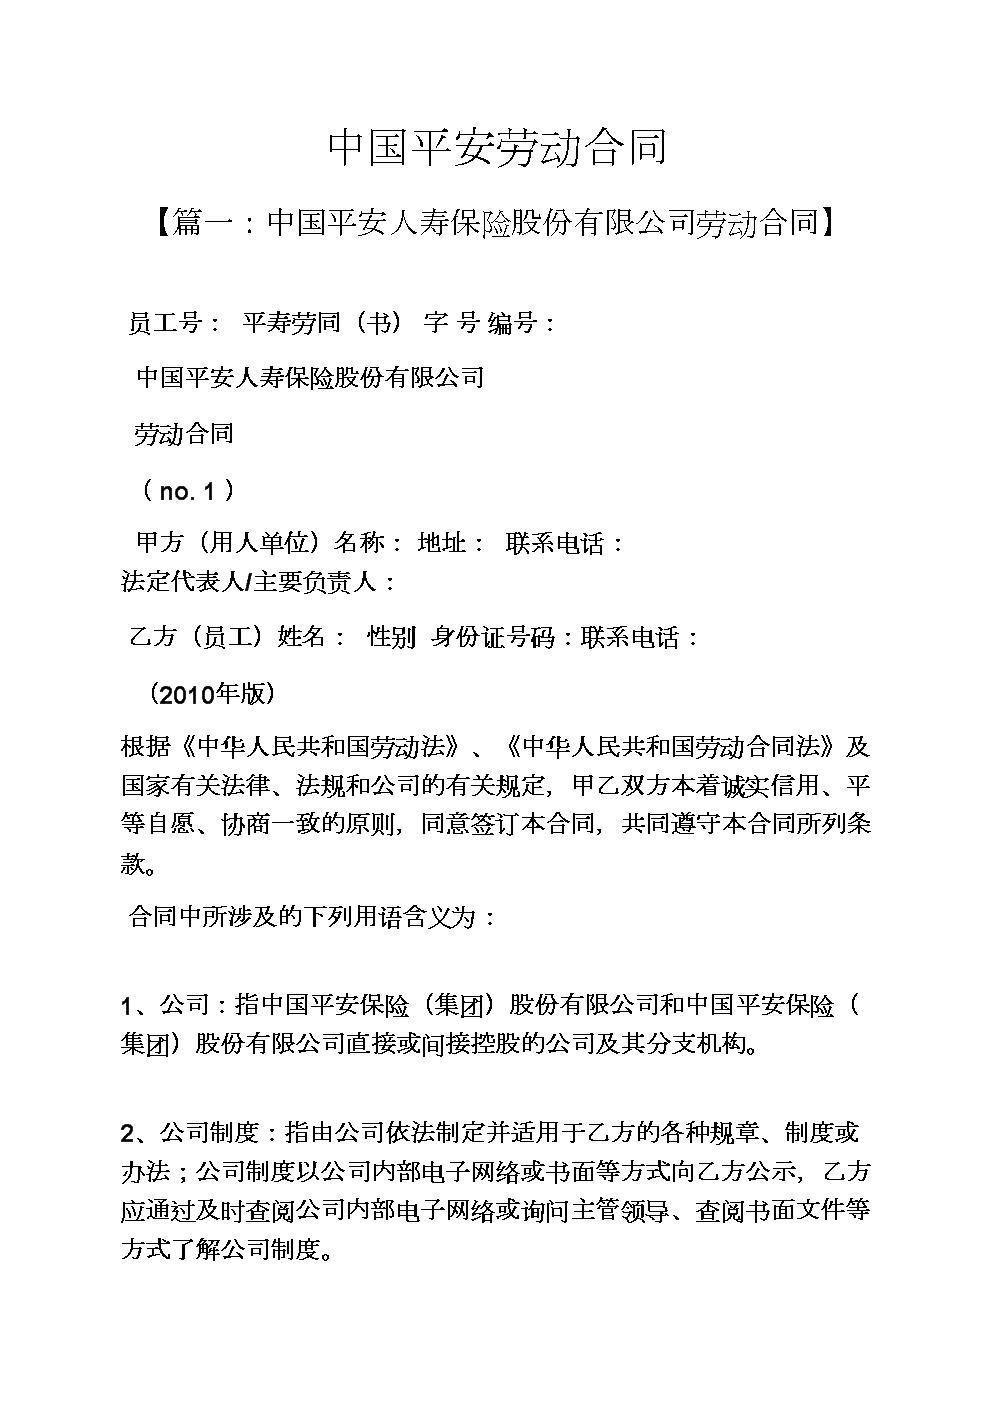 合同范本之中国平安劳动合同.docx